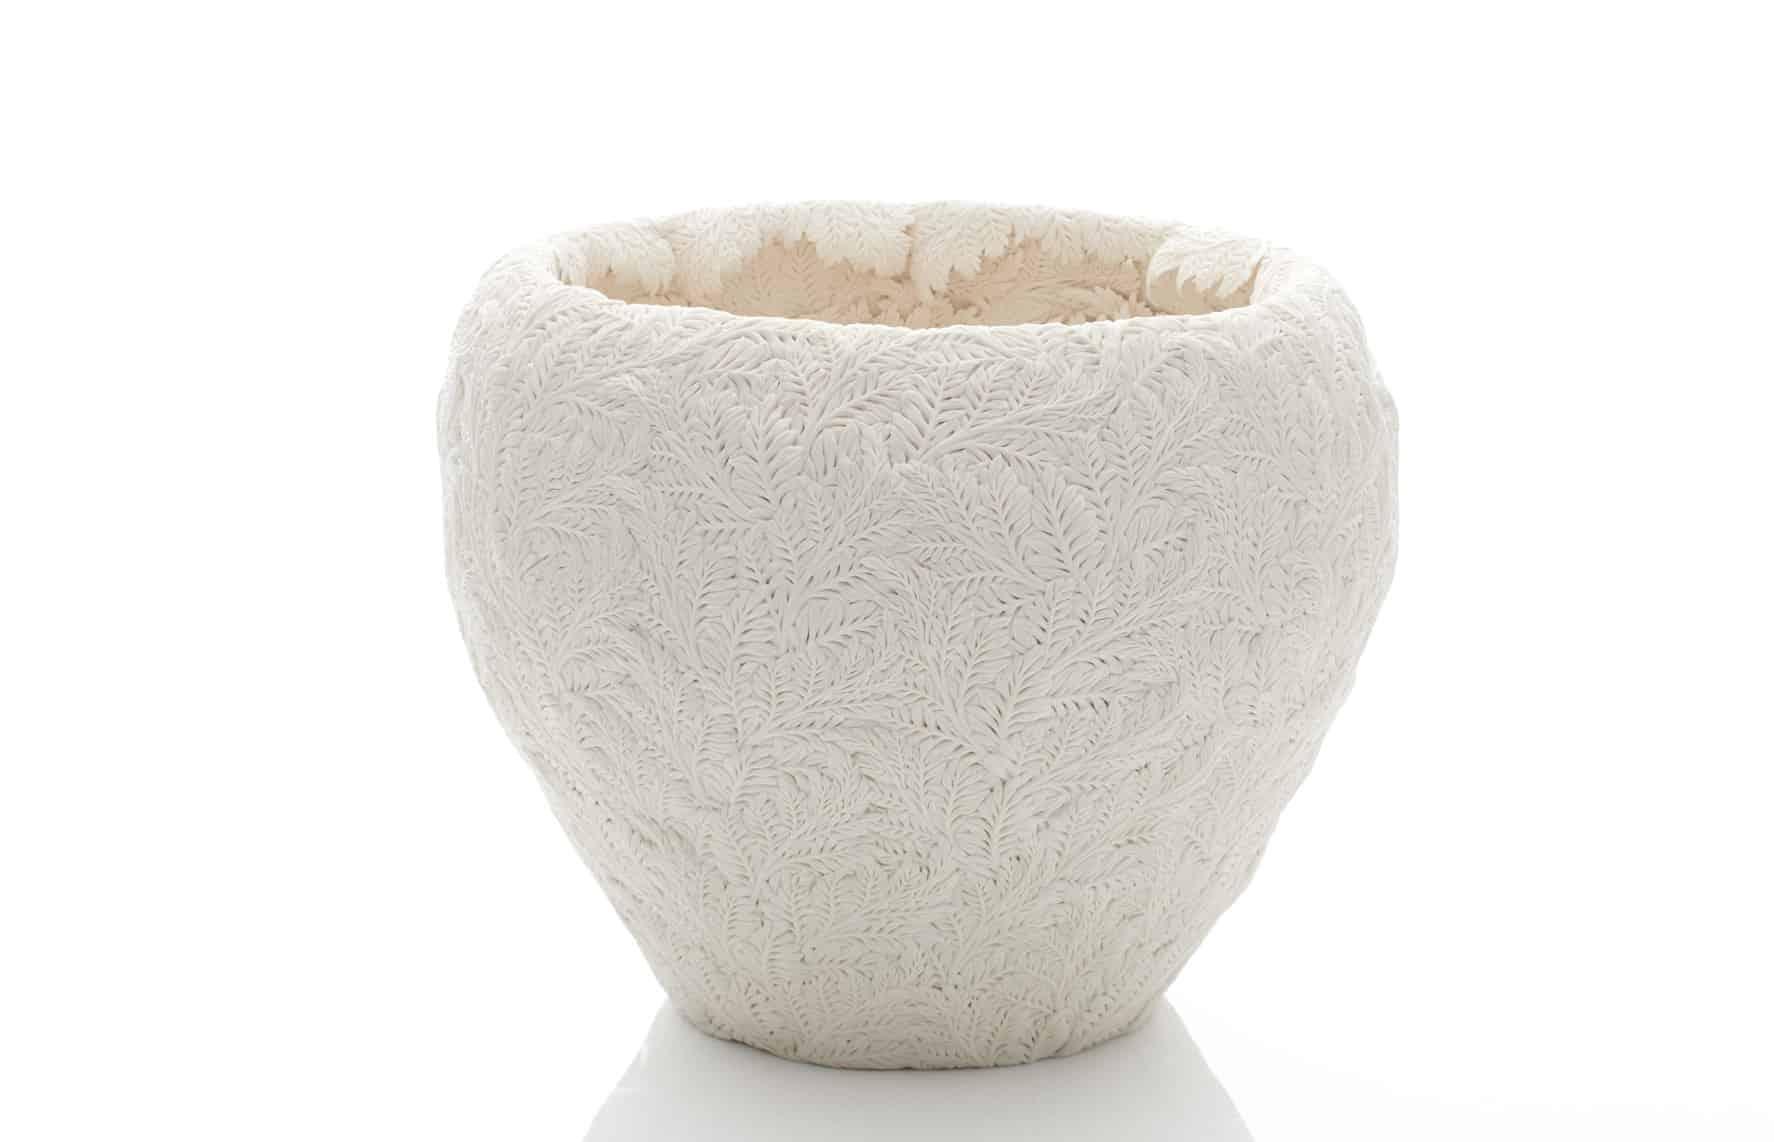 Ceramic sculpture by Hitomi Hosono